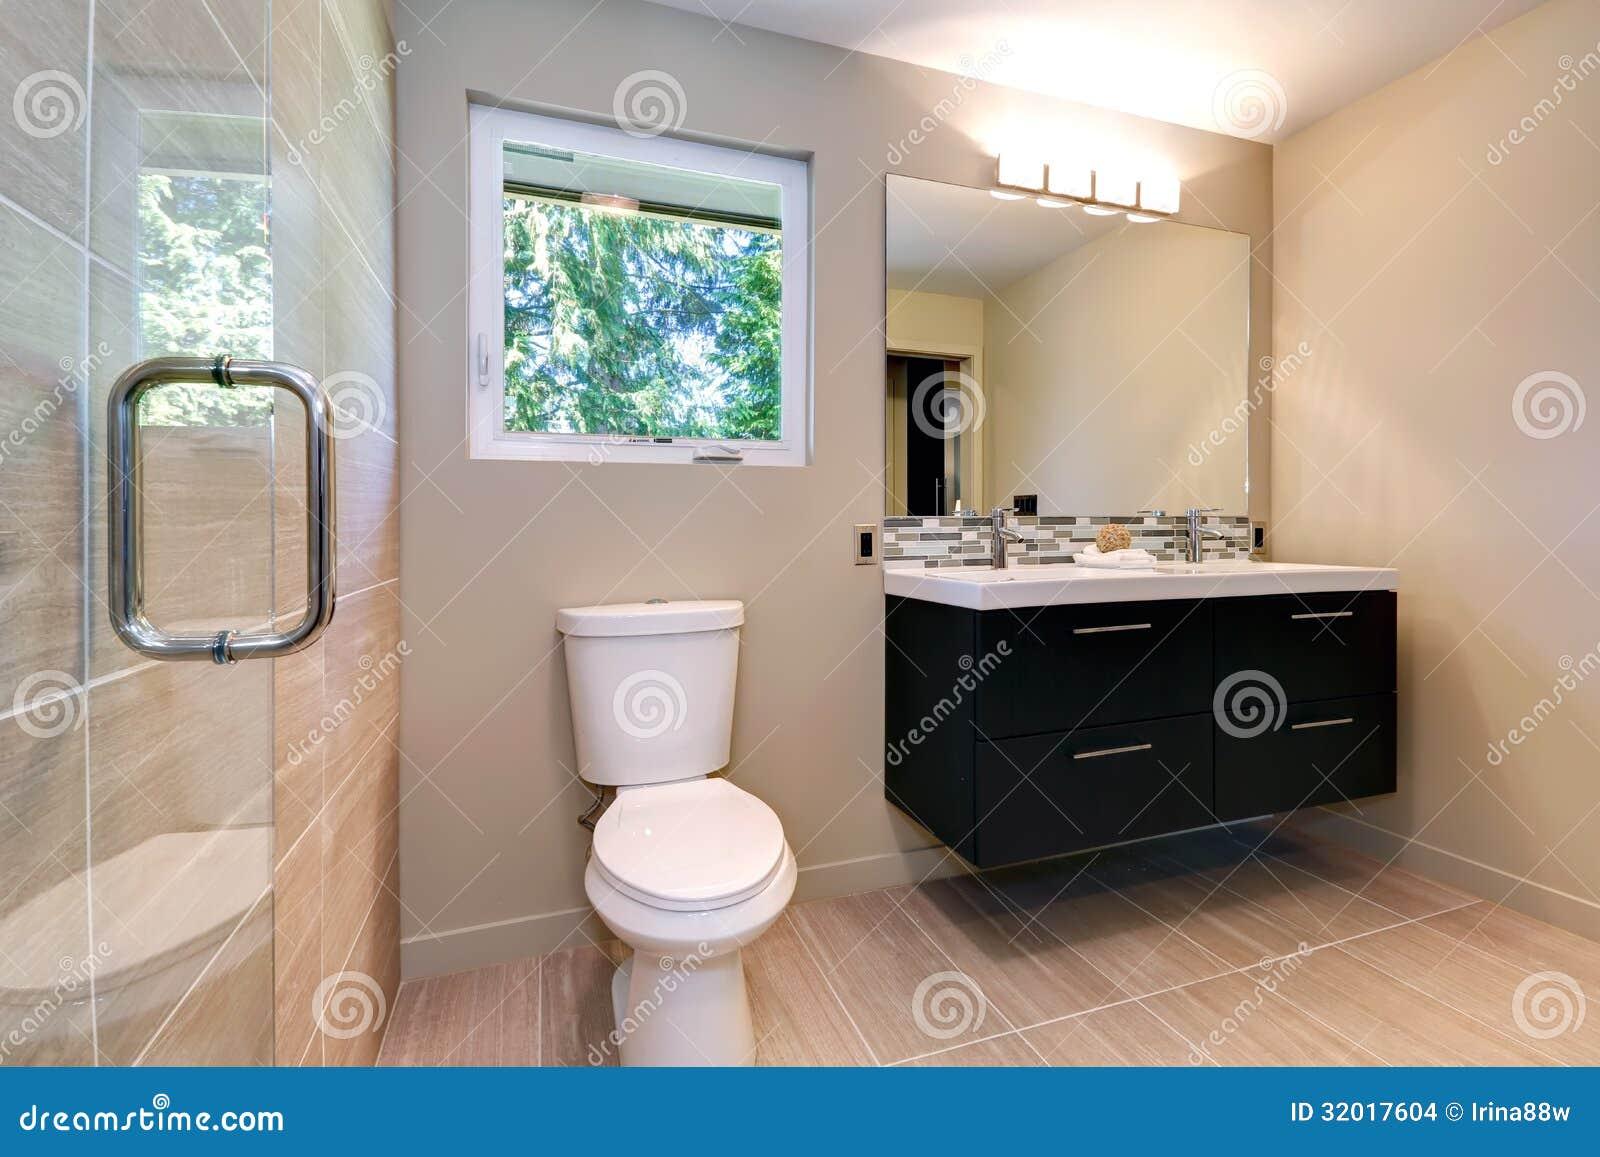 Imagens de Stock: Banheiro moderno simples novo com dissipadores dobro  #876444 1300x957 Azulejo Para Banheiro C&c